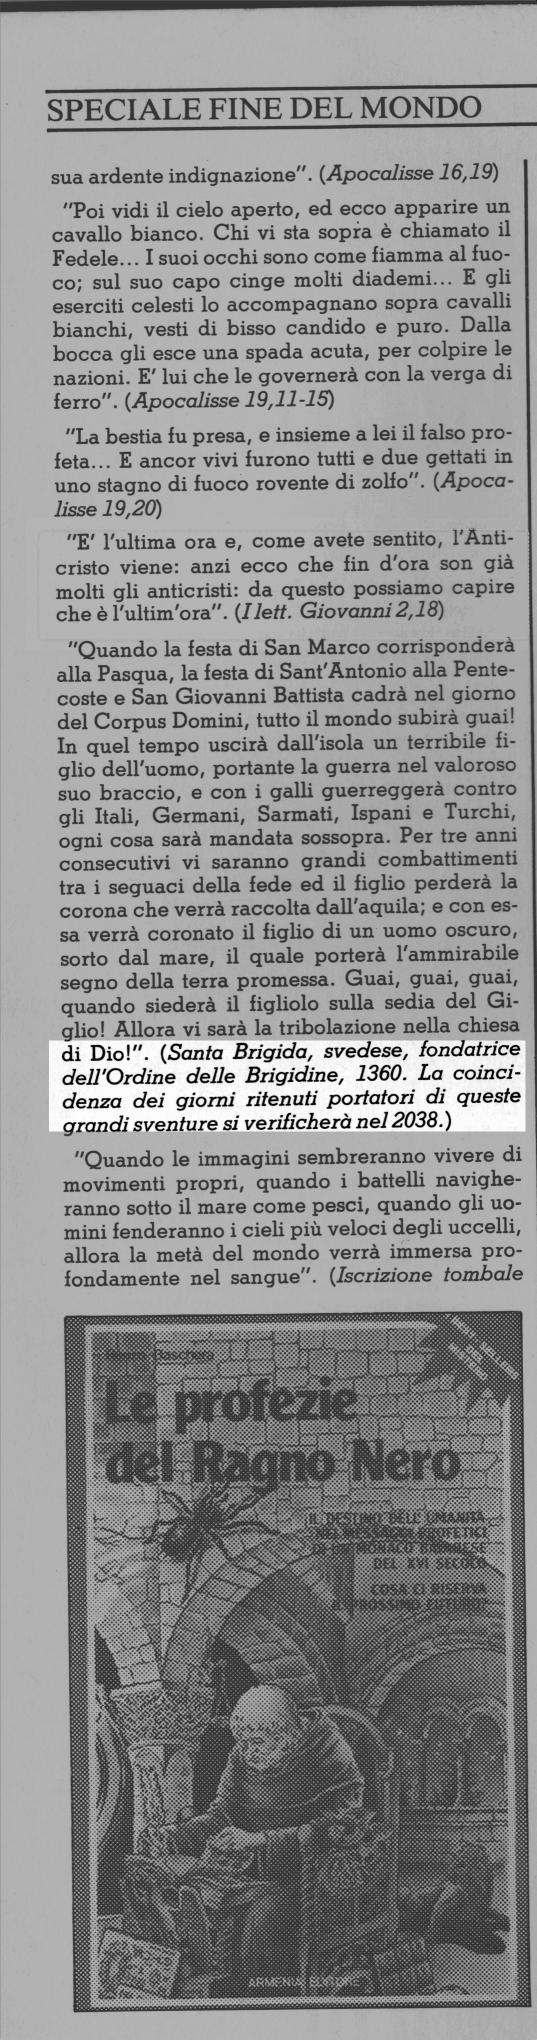 Articolo di Luigi Bruno